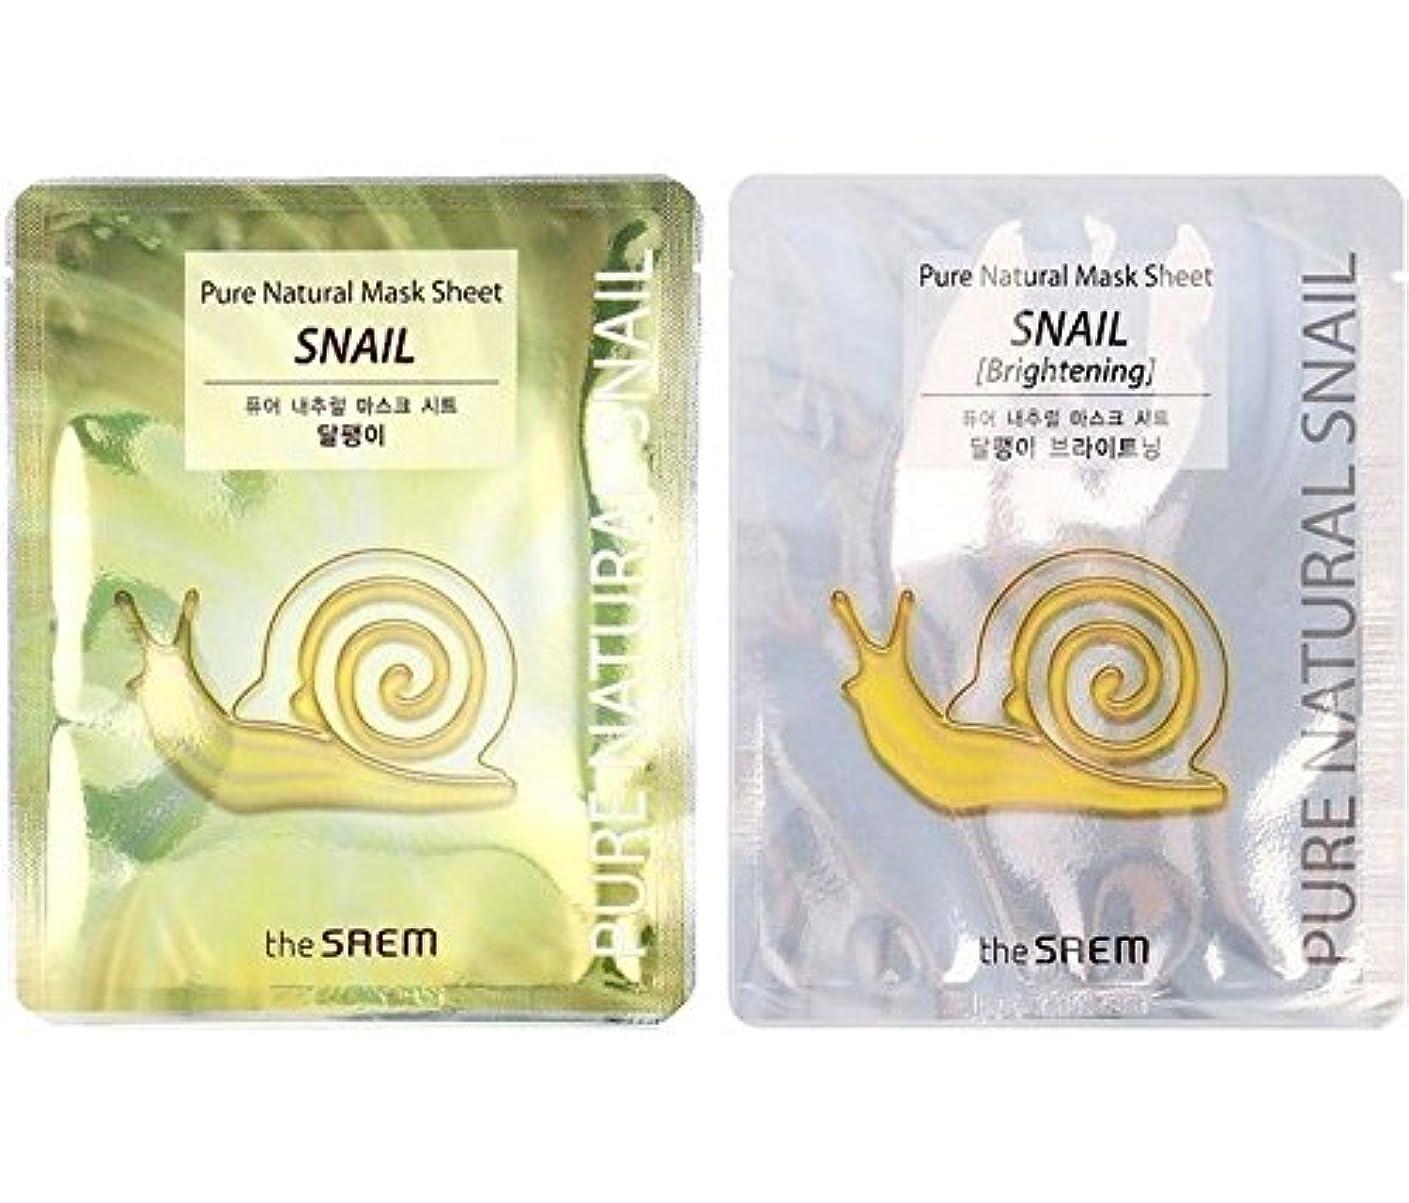 手配するブート外出(ザセム) The Saem 韓国マスクパックカタツムリ20枚セット(10+10) ピュアナチュラルマスクシートスネイルブライトニング Pure Natural Mask Sheet Snail Brightening...